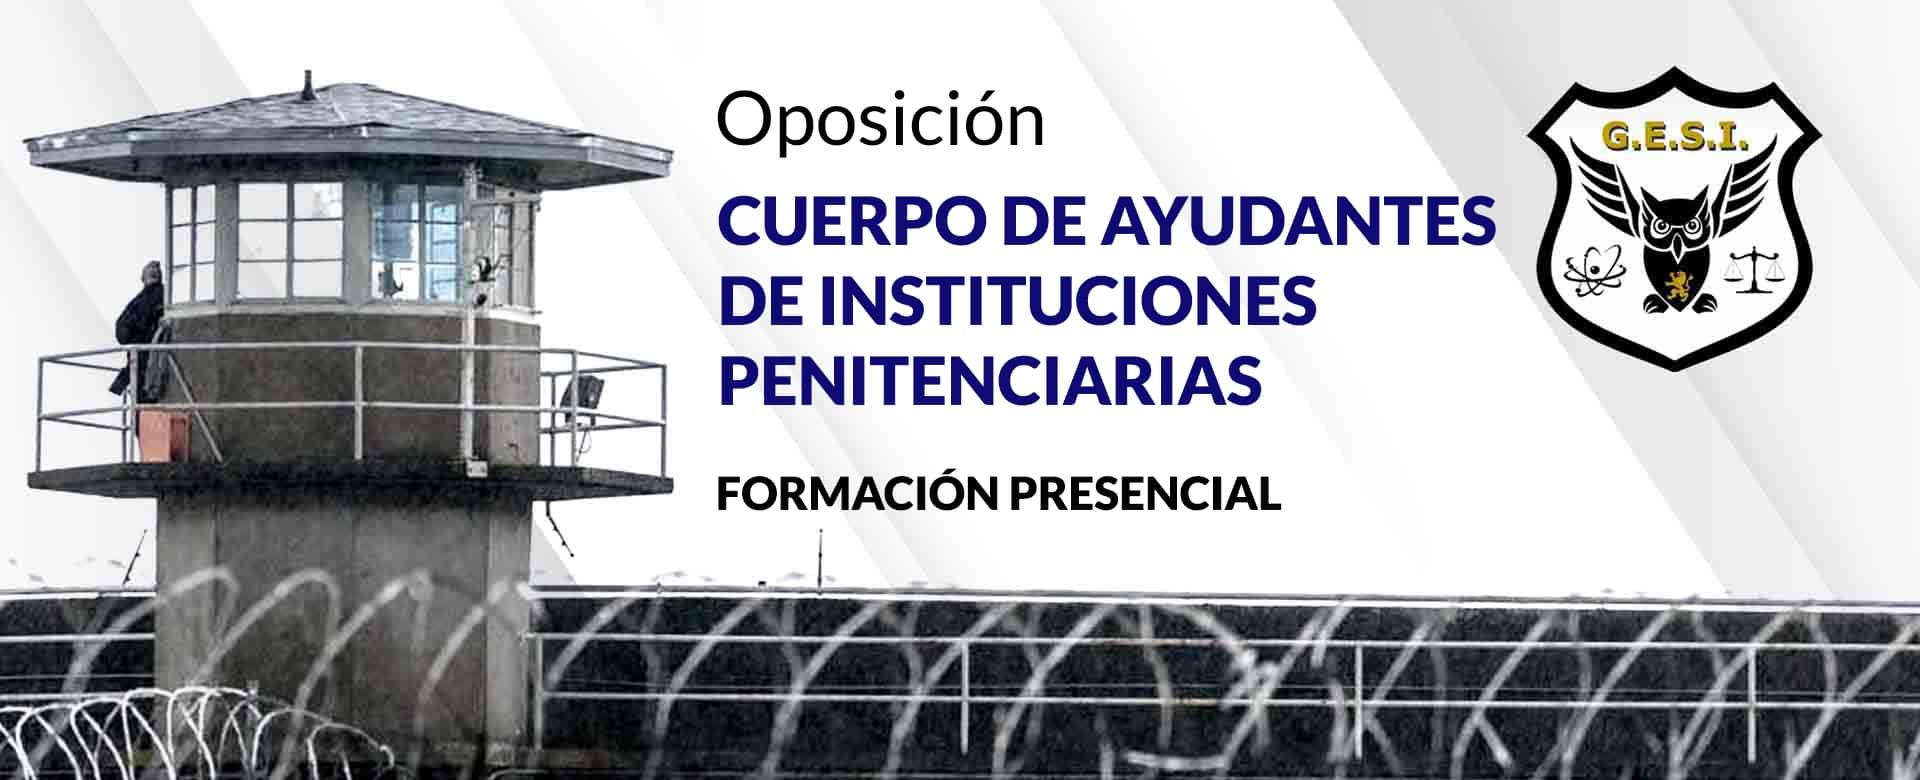 slides-ayudantes-instituciones